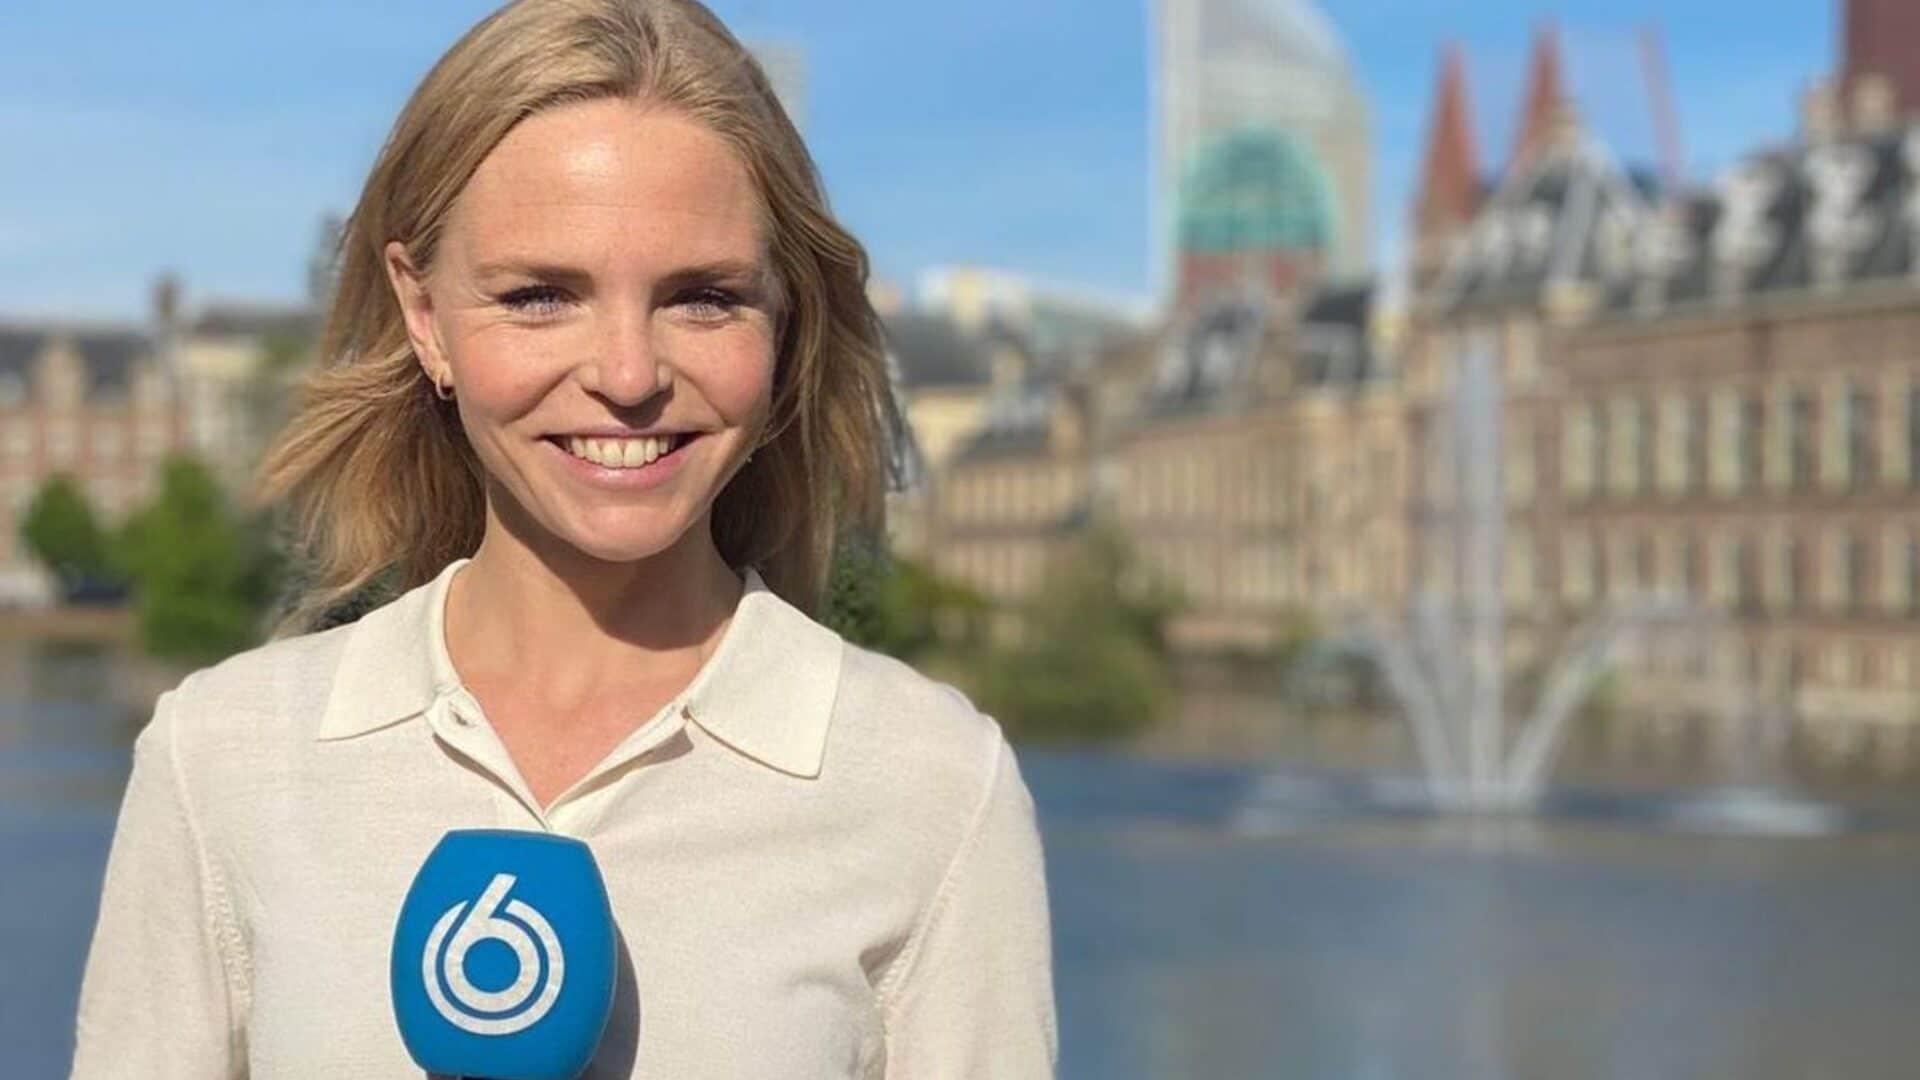 Charlotte Nijs corona persconferentie mark rutte chagrijnig boos maatregelen nieuwe